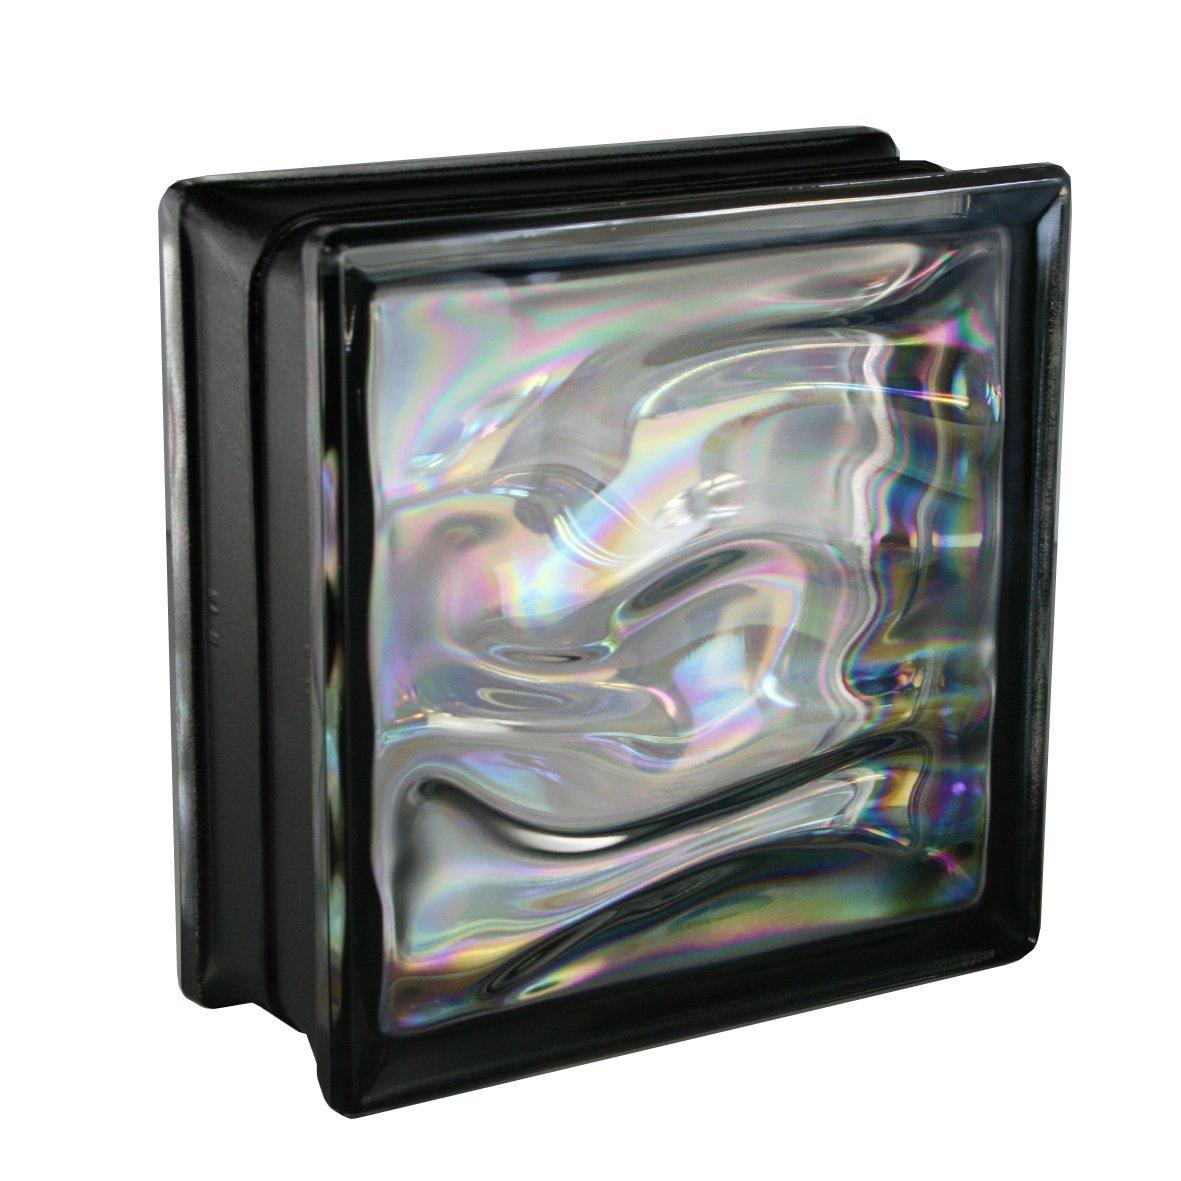 6 piè ces BM briques de verre AQUA nacre noir 19x19x8 cm Fuchs Design